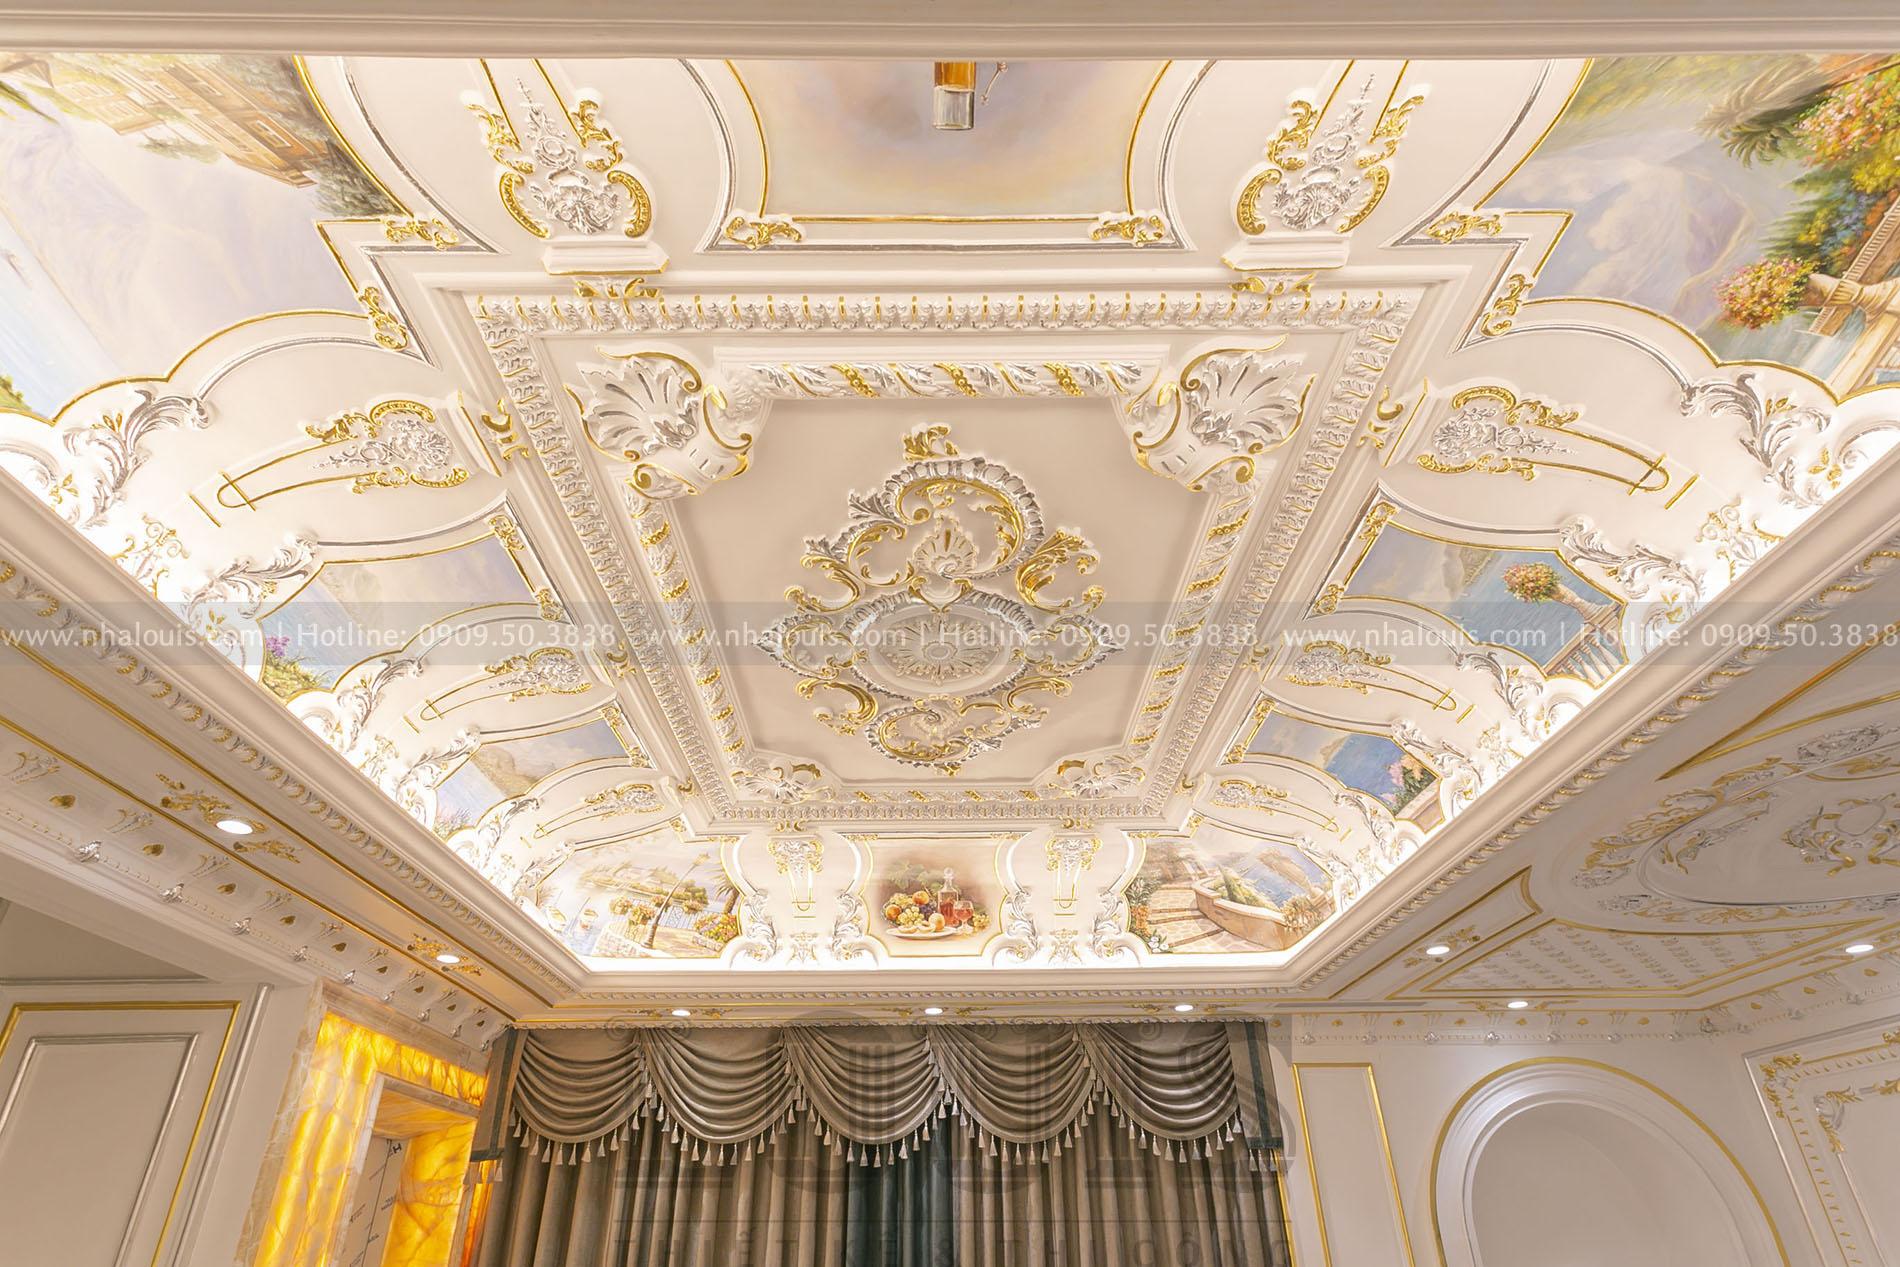 sảnh tầng lửng biệt thự cổ điển Nhà Bè